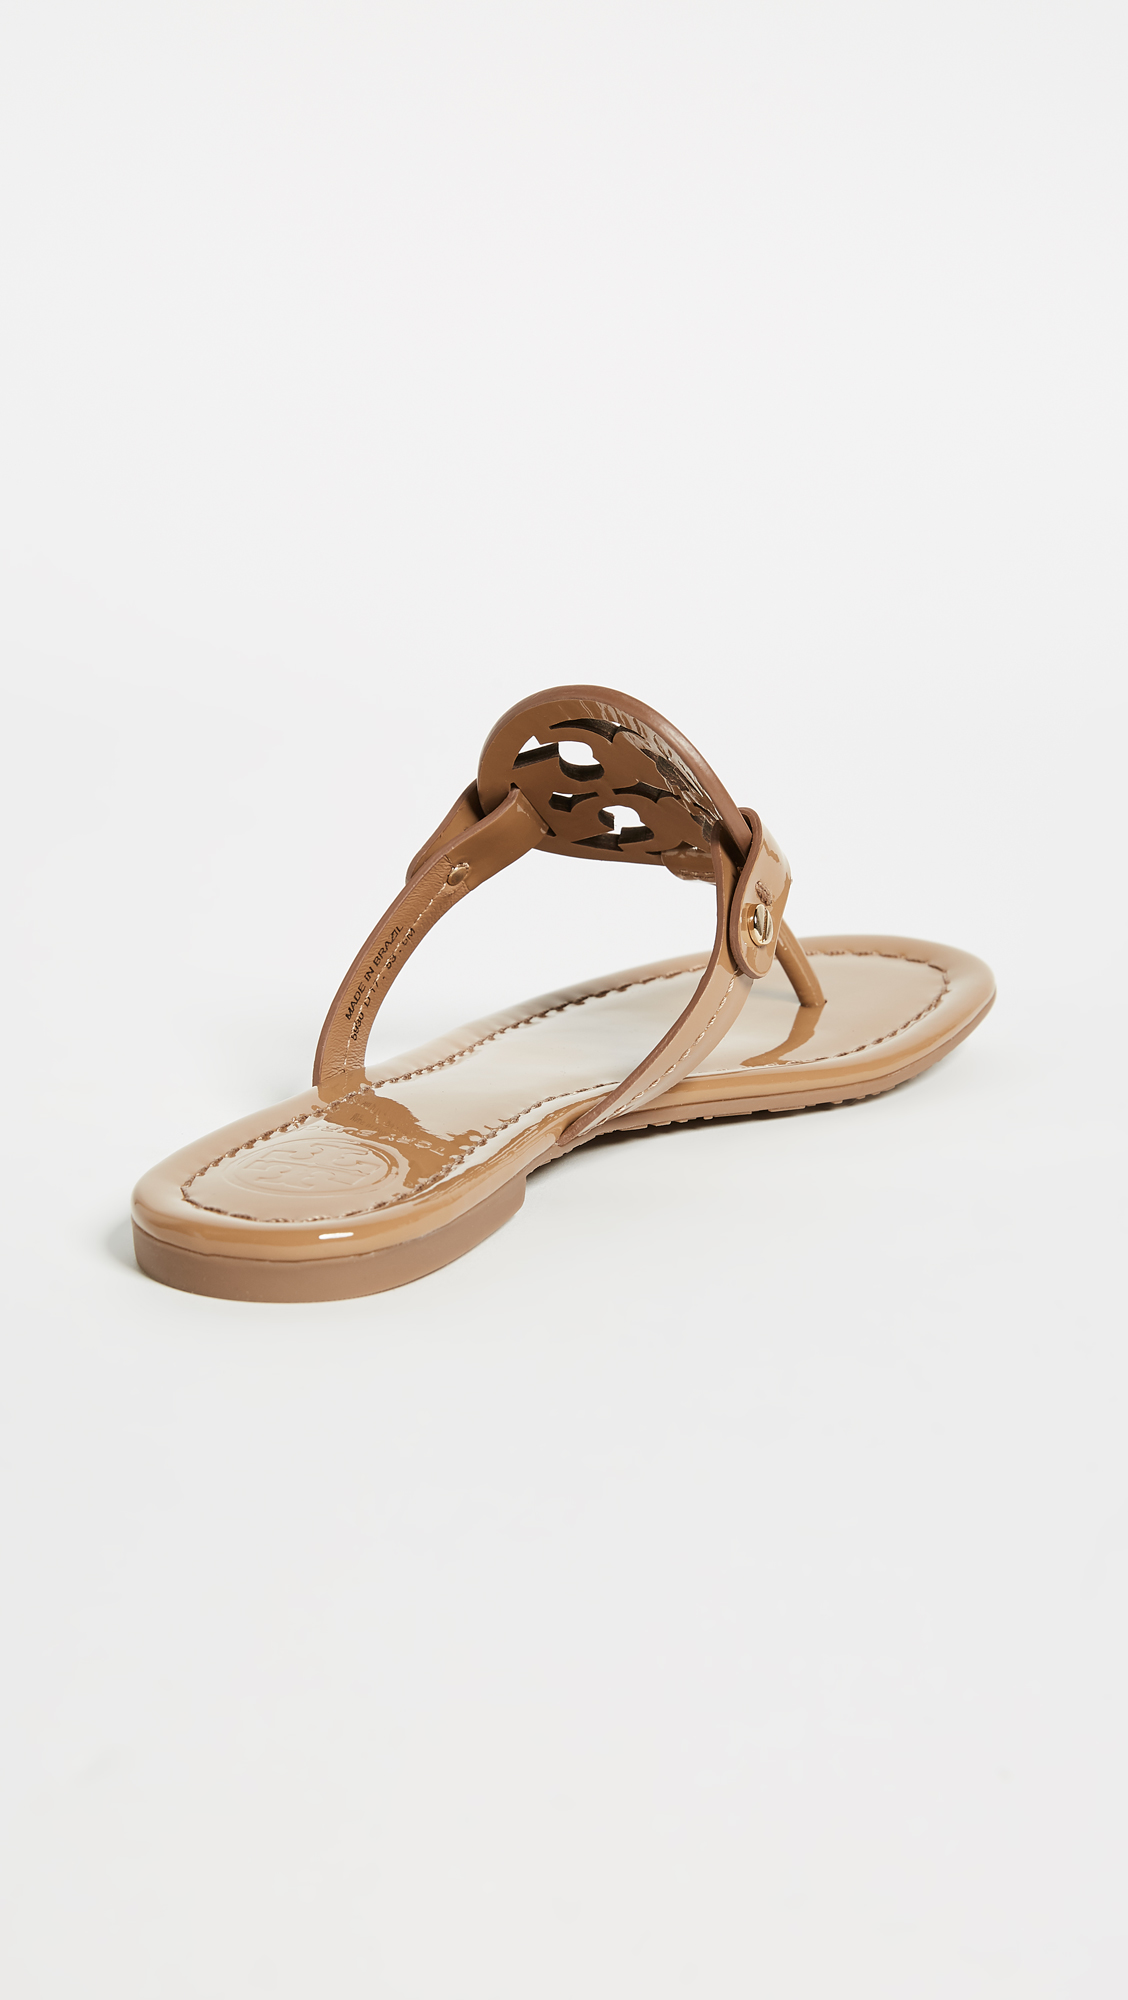 9a07a6ed586ec Tory Burch Miller Thong Sandals